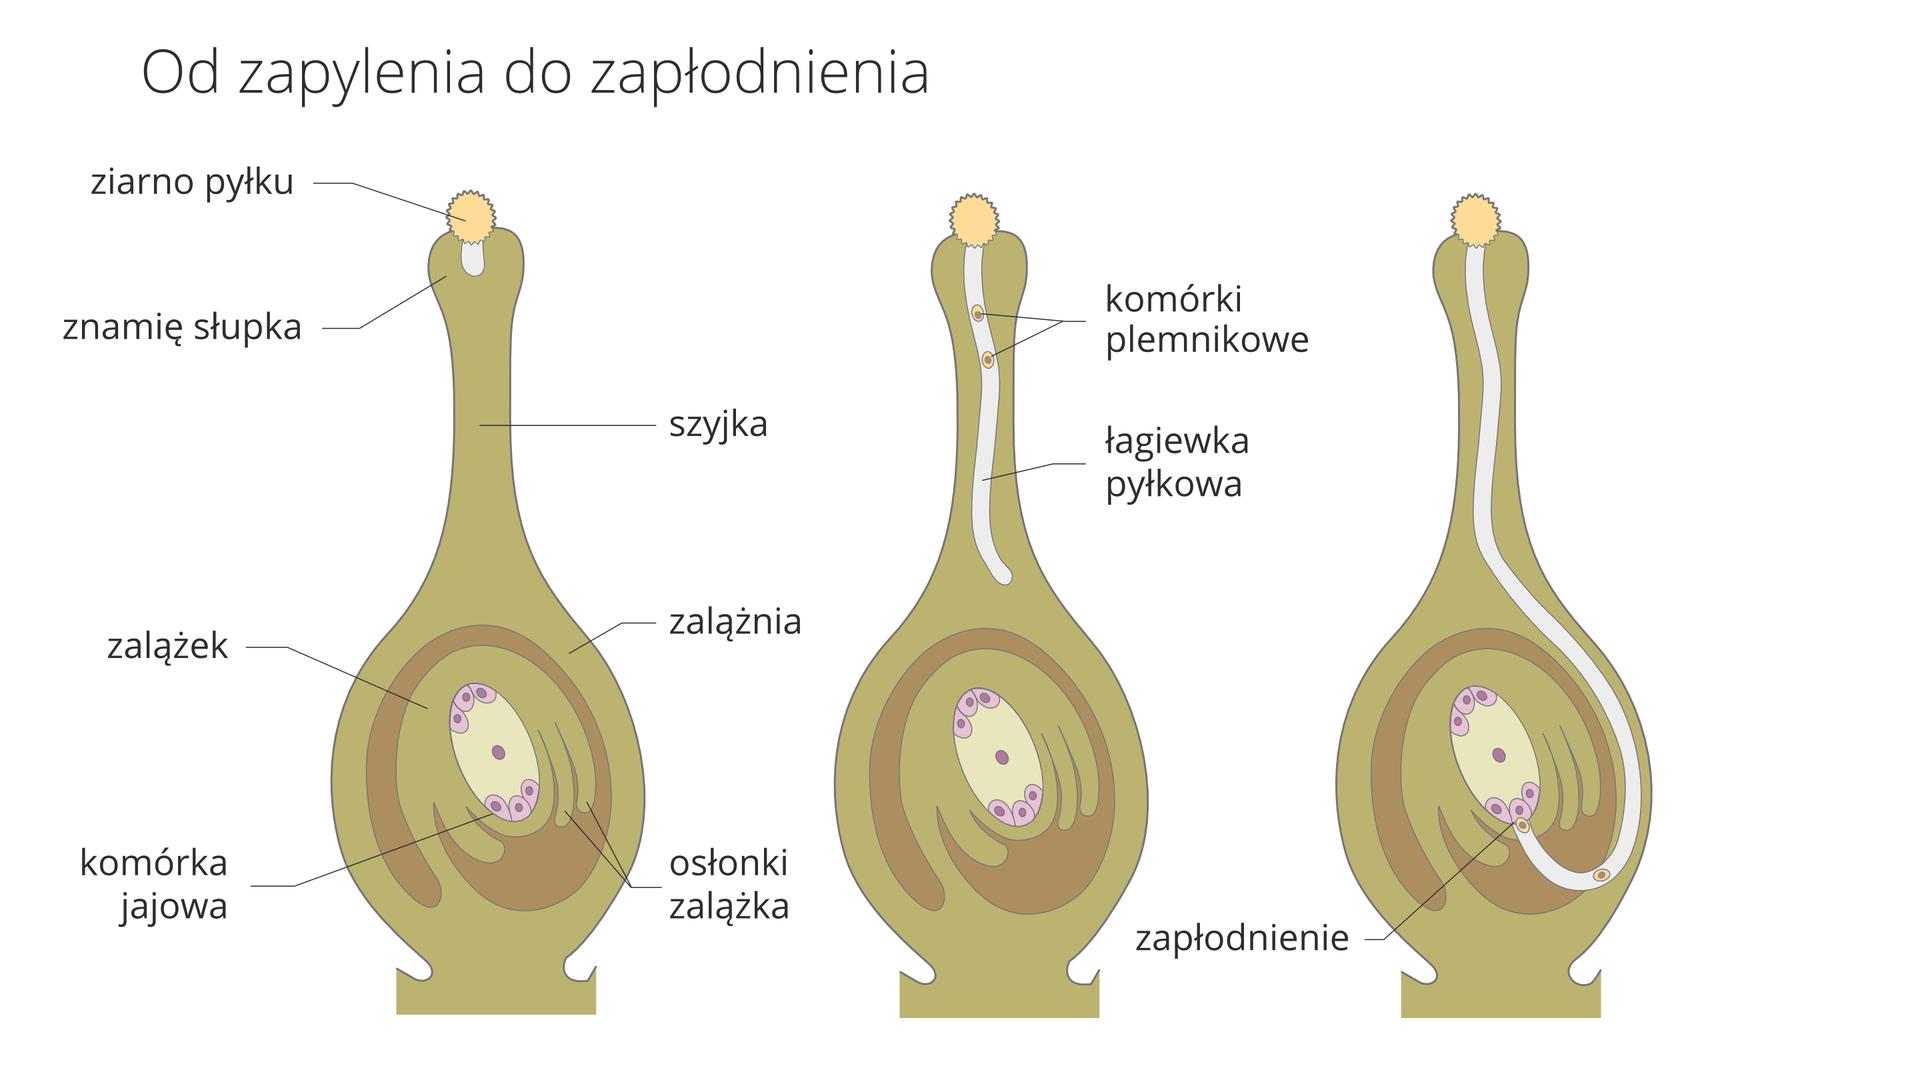 Ilustracja przedstawia trzy rysunki przekrojów przez słupek rośliny okrytonasiennej. Oznaczają one kolejne fazy od zapylenia do zapłodnienia. Słupek ma kolor jasnobrązowy. Osłonki zalążka są ciemniej brązowe. Komórkę jajową oznaczono kolorem liliowym. Na słupku pierwszym zlewej znajduje się żółte ziarno pyłku. Wyrasta zniego wgłąb słupka jasna łagiewka pyłkowa. Wszystkie elementy są opisane.